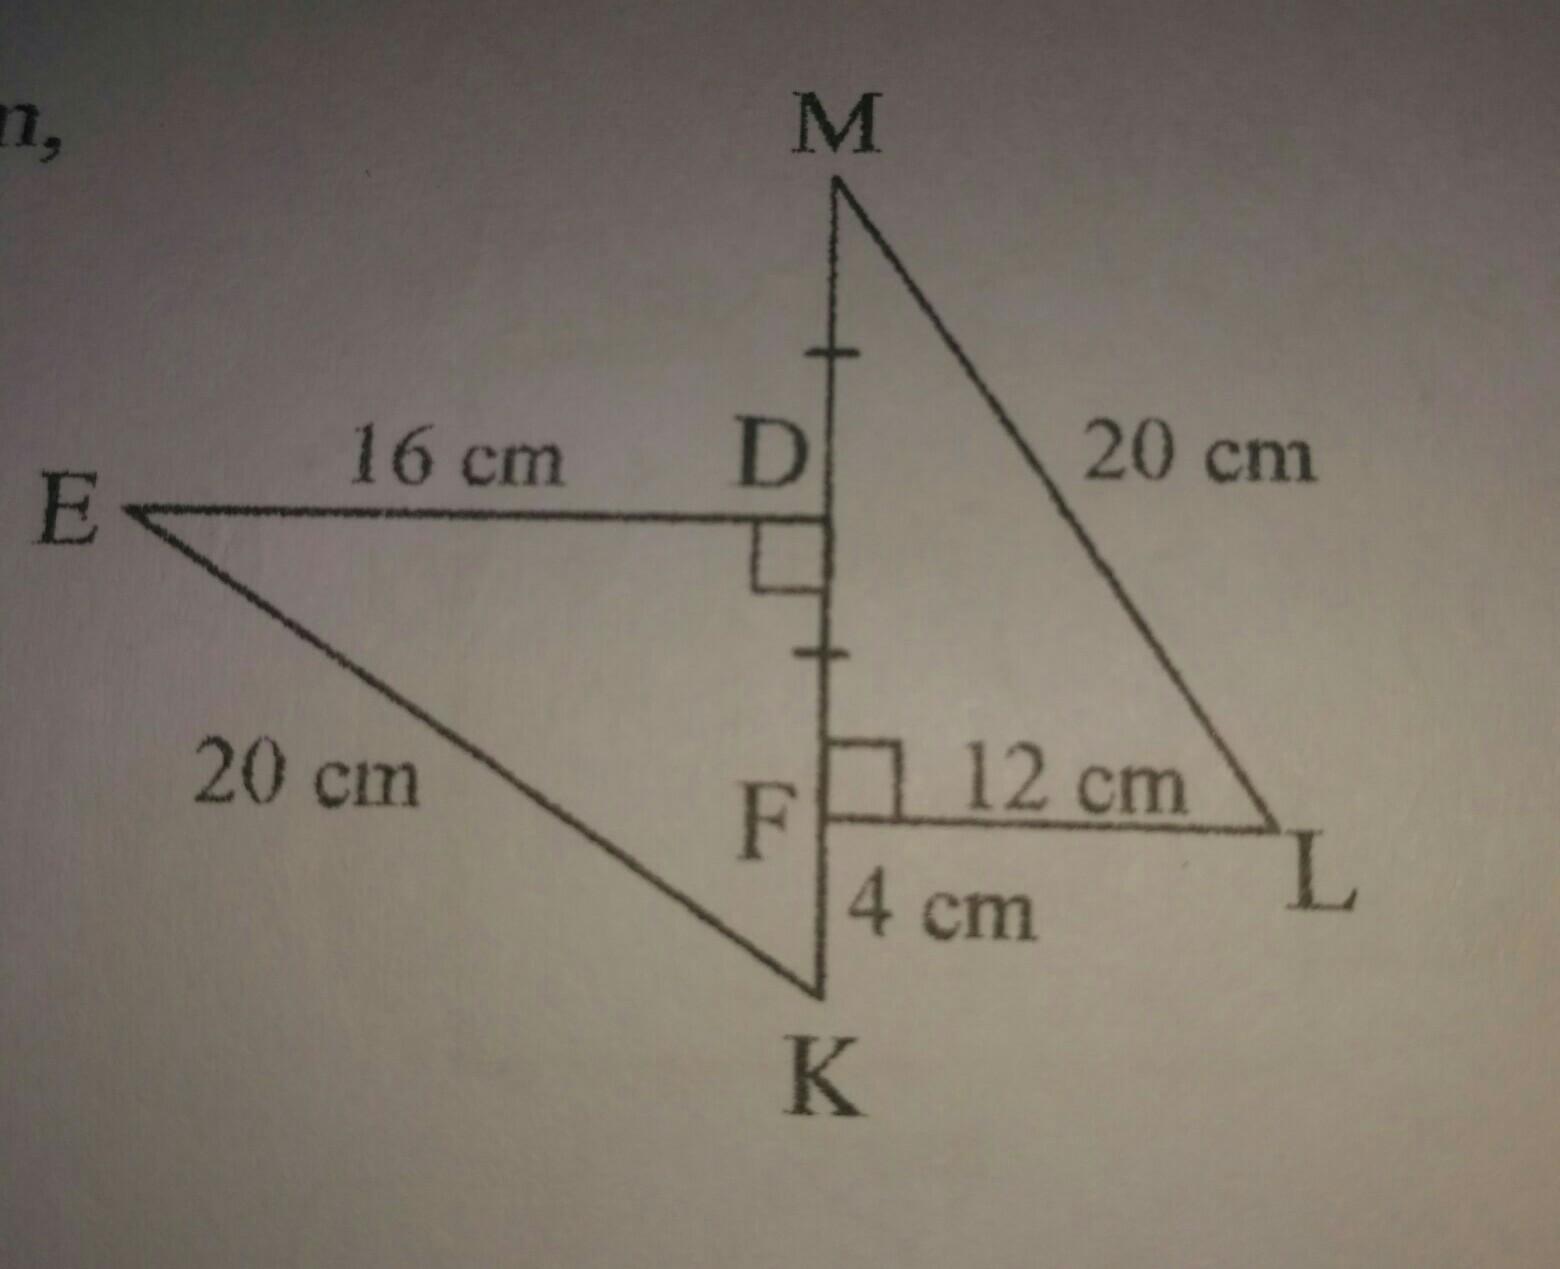 pada gambar berikut,panjang FL=KD=12 cm,FK=4 cm dan FM=DE ...